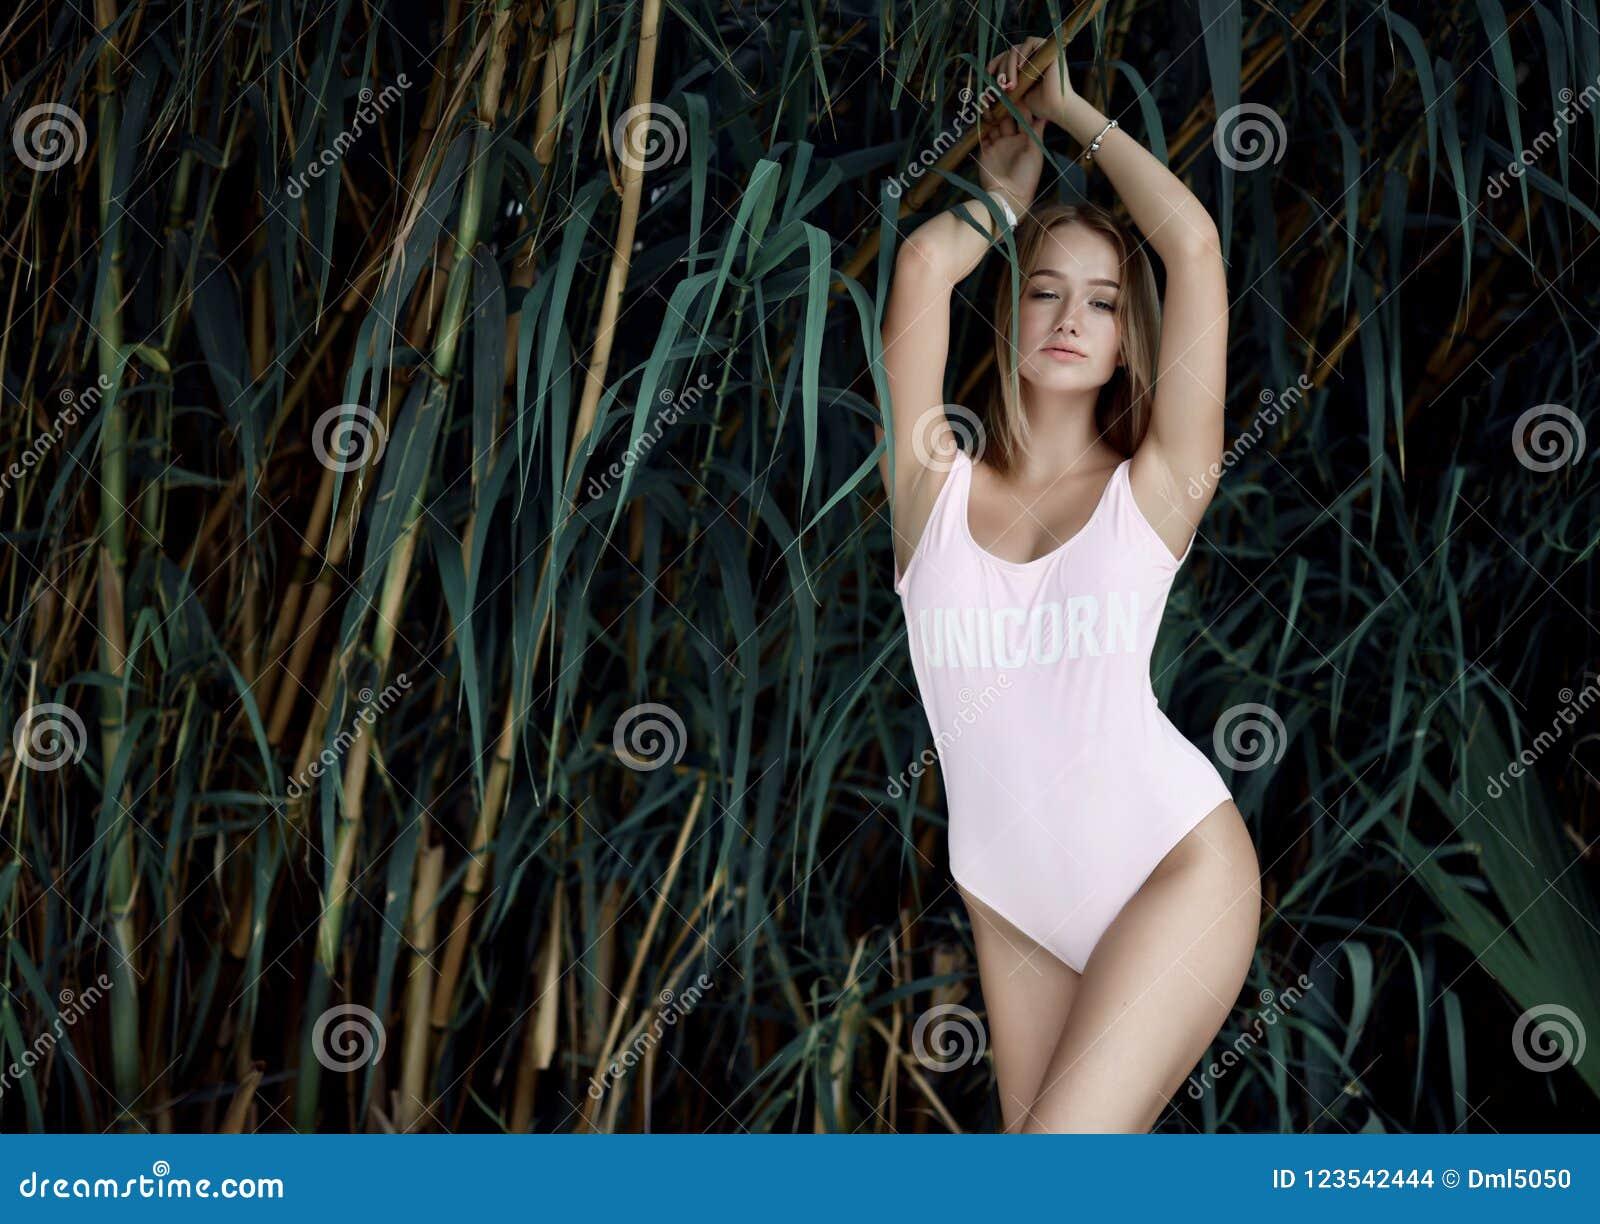 摆在桃红色独角兽标志性感的身体背心的热带竹森林手段的年轻美丽的白肤金发的女孩